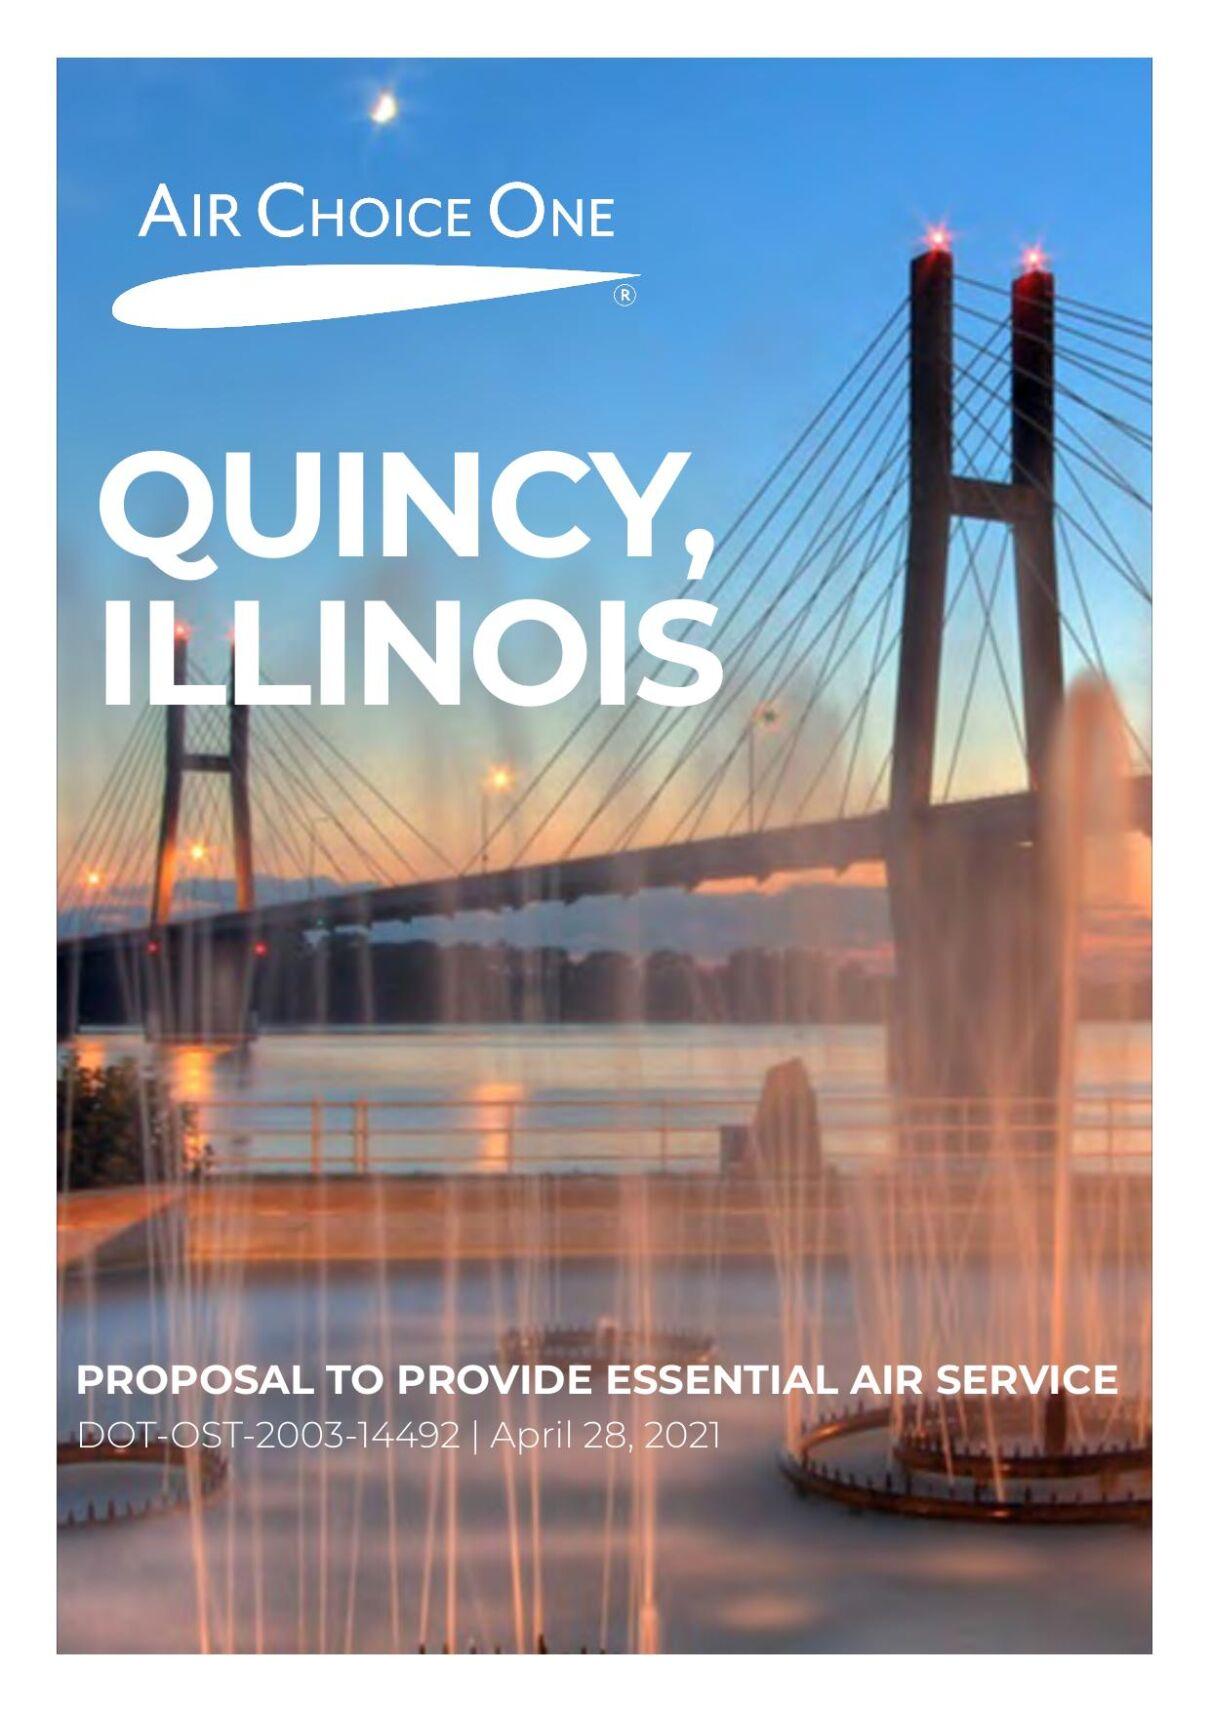 Air Choice One Proposal